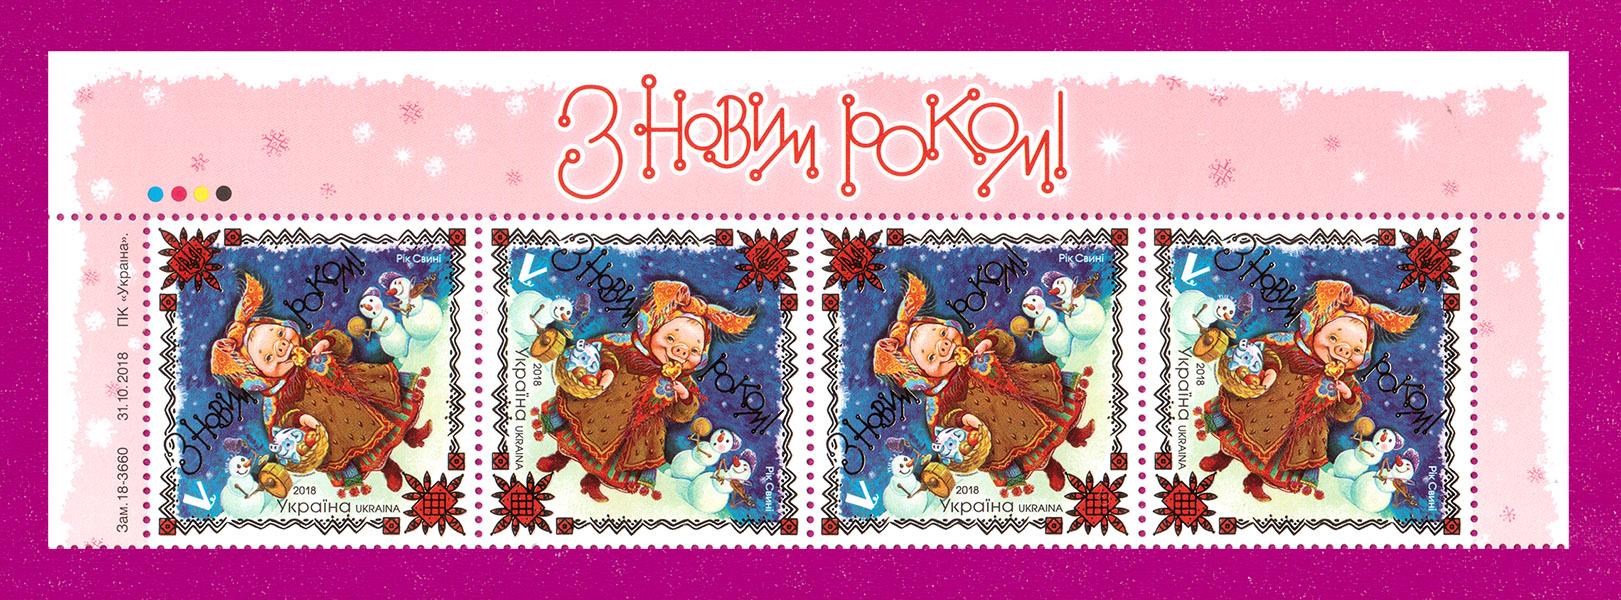 2018 верх листа Новый год - Год свиньи ЛИТЕРА V Украина